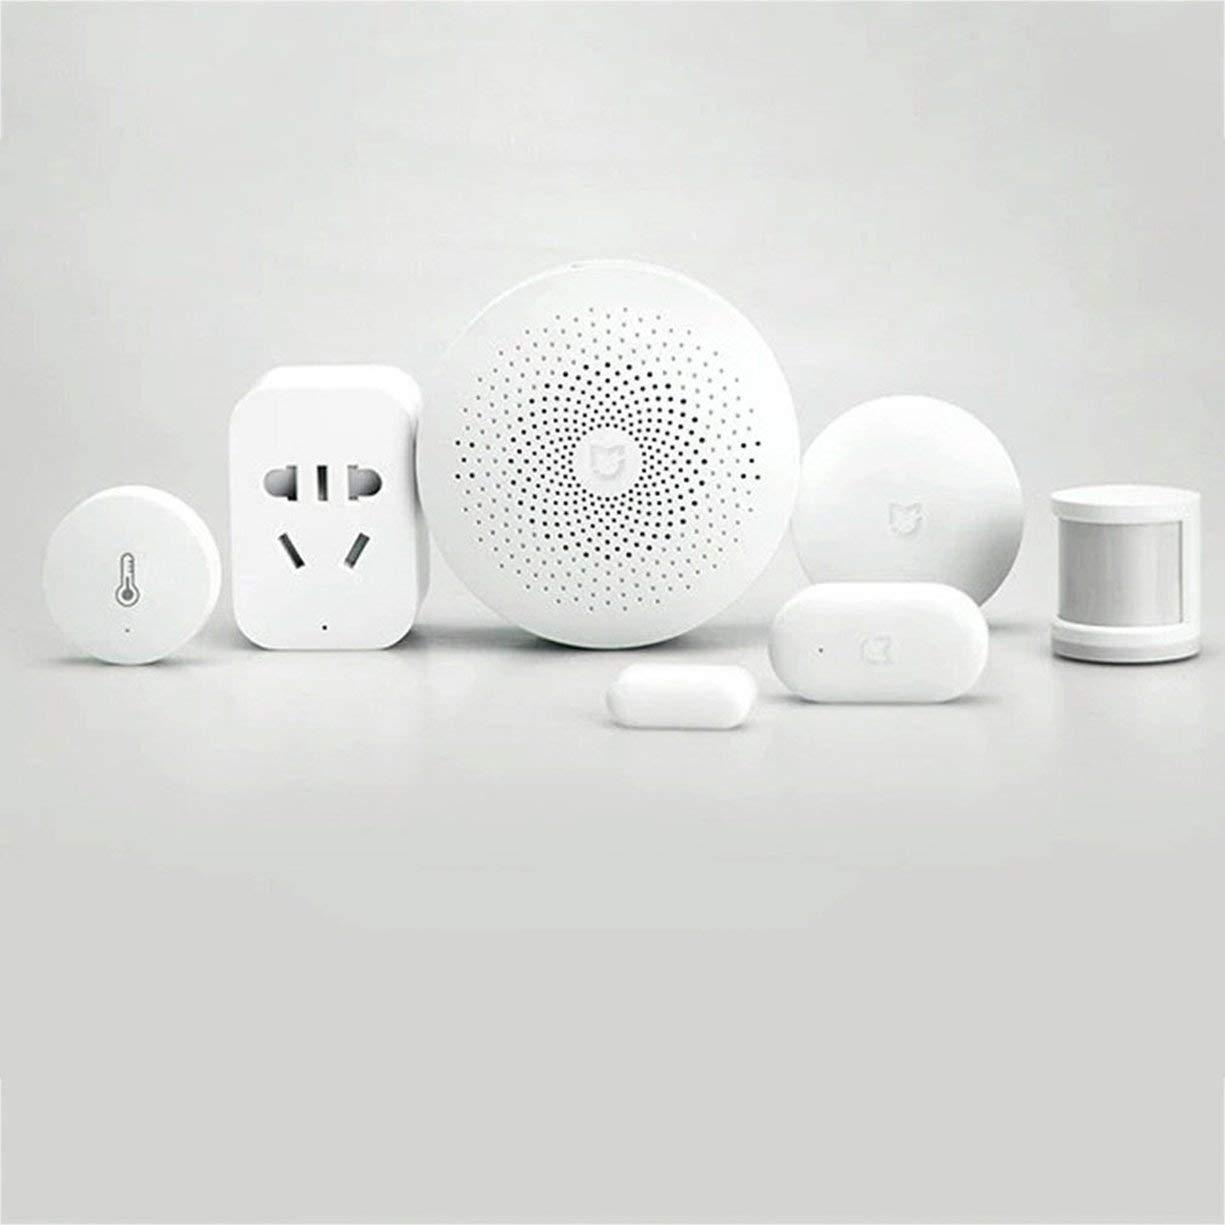 Temperatura inalámbrica WiFi Sensor de Humedad Inteligente Aqrah ZigBee Funciona con la aplicación de hogar Inteligente Xiaomi Mi Mijia: Amazon.es: ...